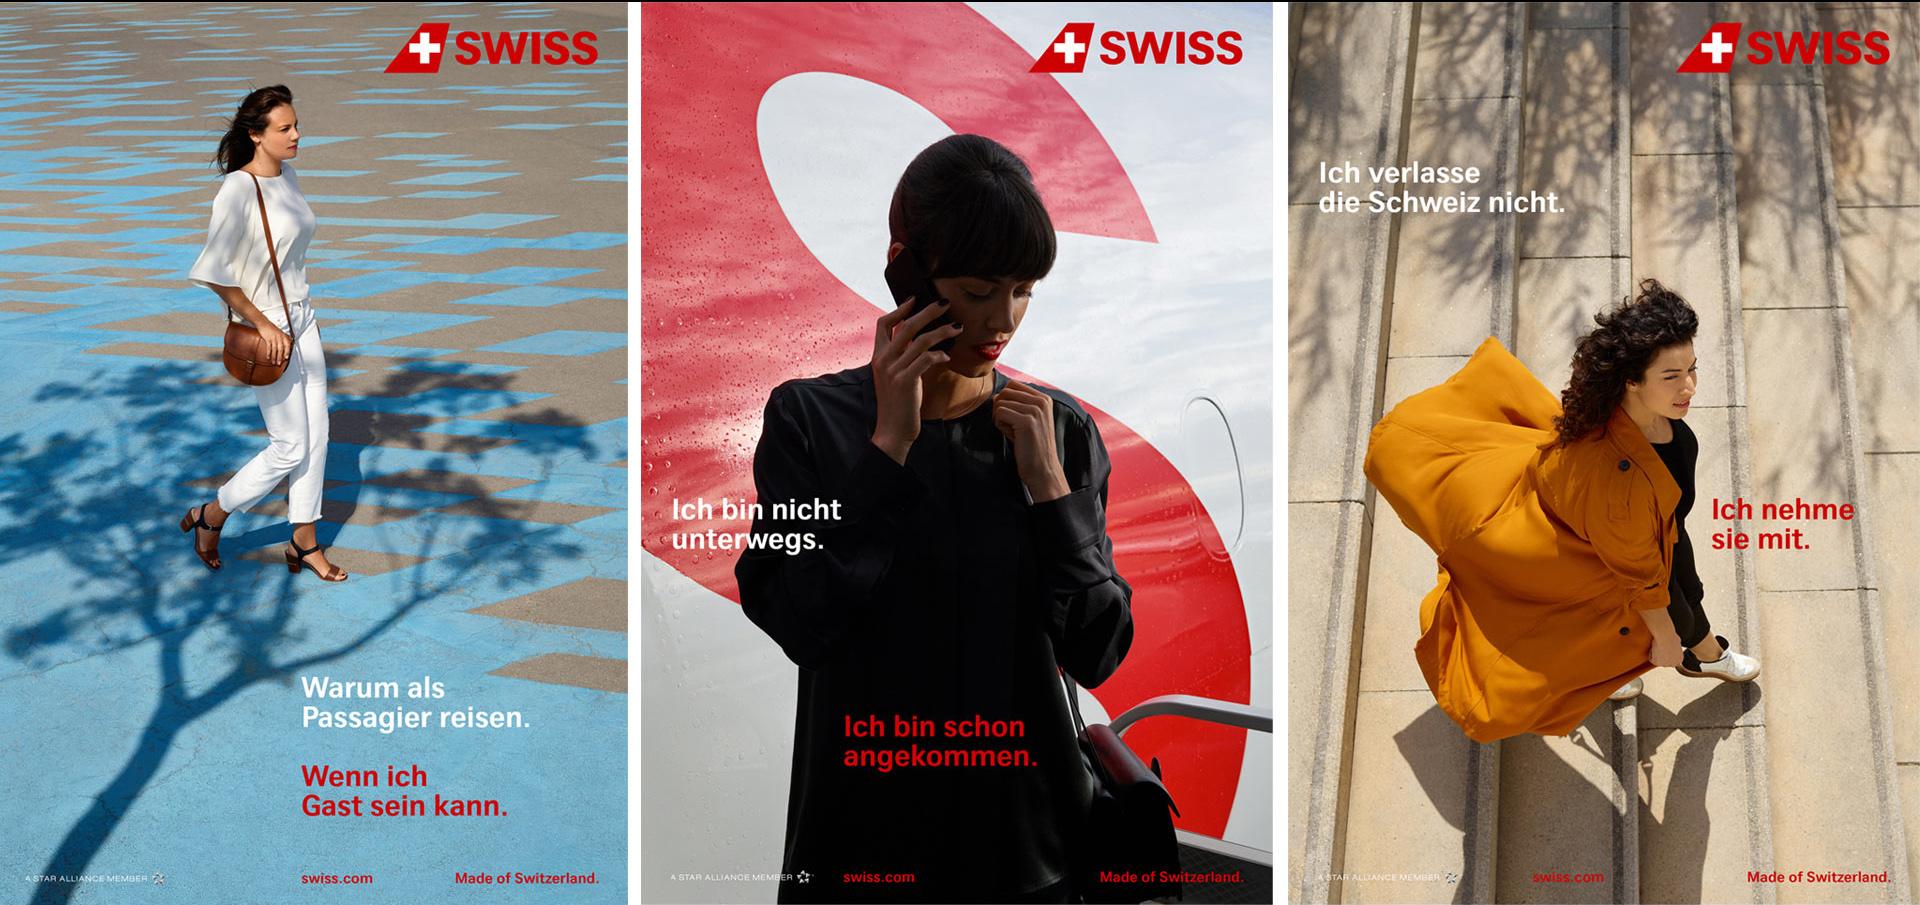 matter of design, SWISS, Launch, Publicis